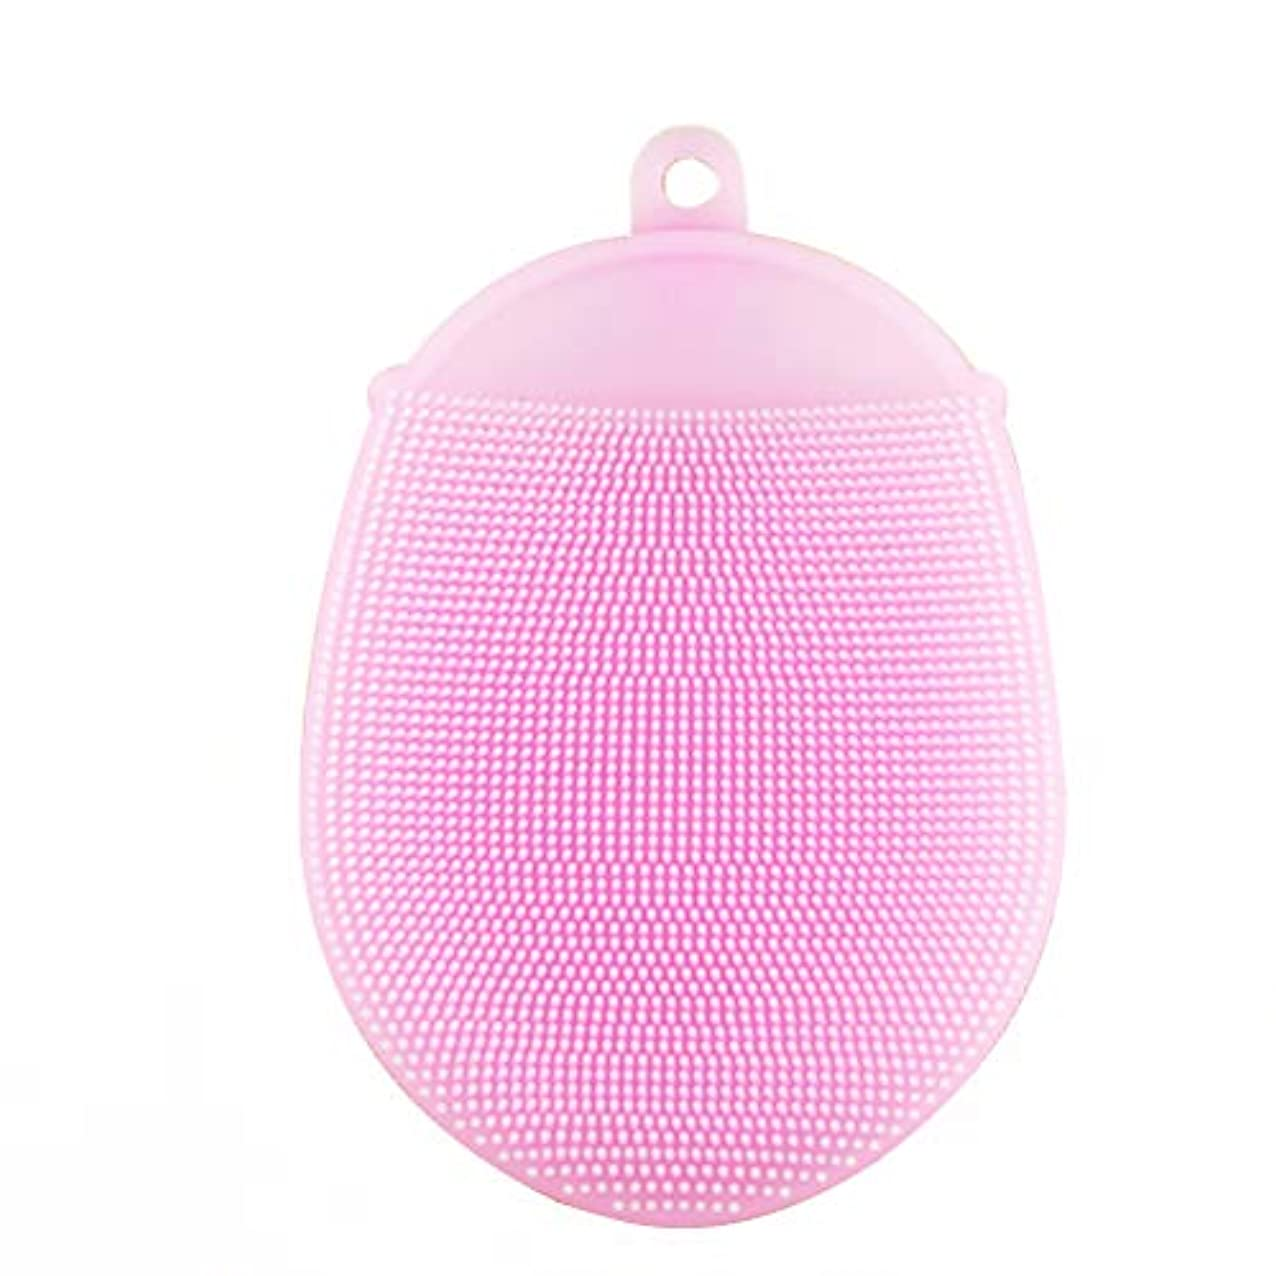 素人超音速周術期Healifty シリコンバスブラシシャワースクラバー2本(ピンク)